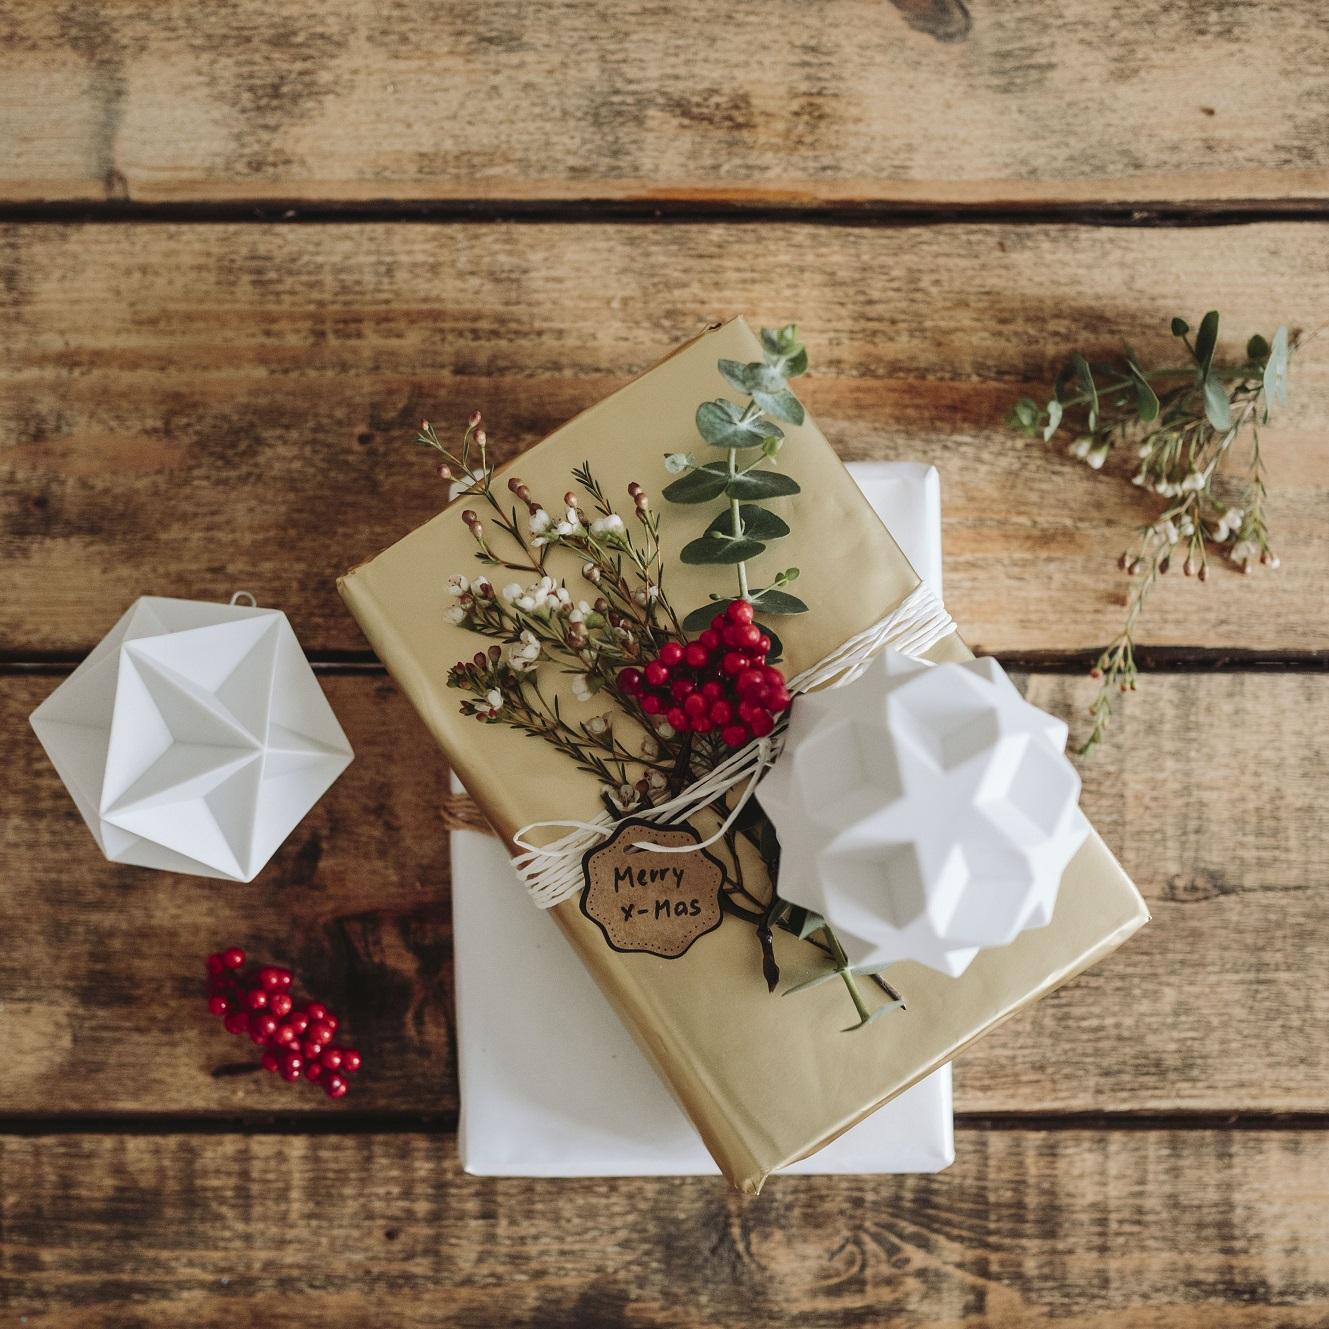 kreative geschenkverpackung bloomy blog blumentipps und mehr. Black Bedroom Furniture Sets. Home Design Ideas